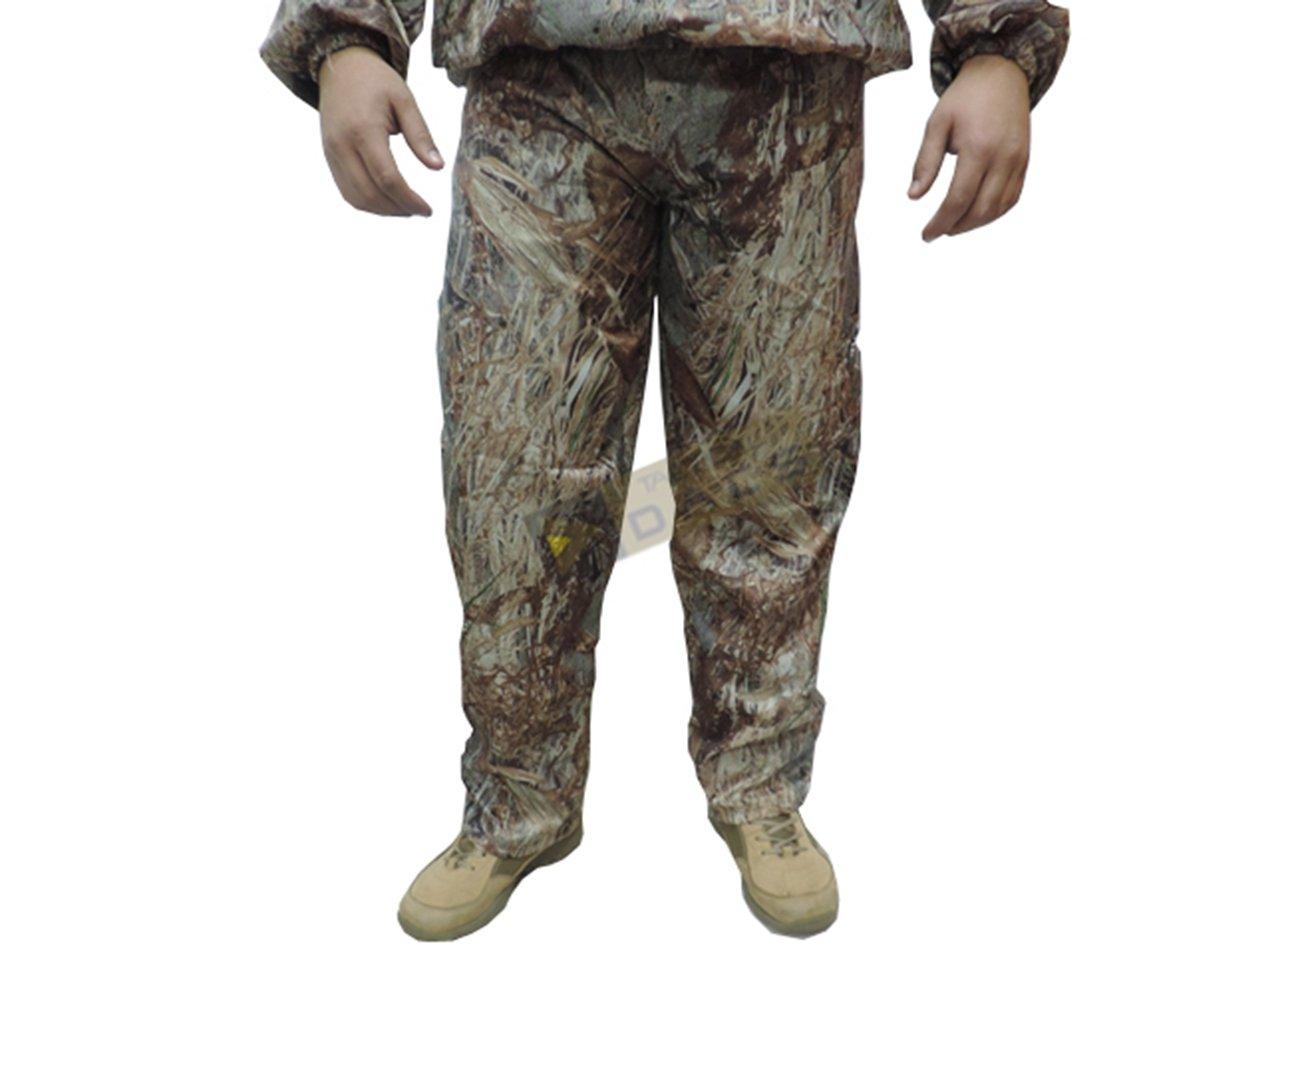 Calça Chuva Fast Cover Camuflagem Capim - Dacs